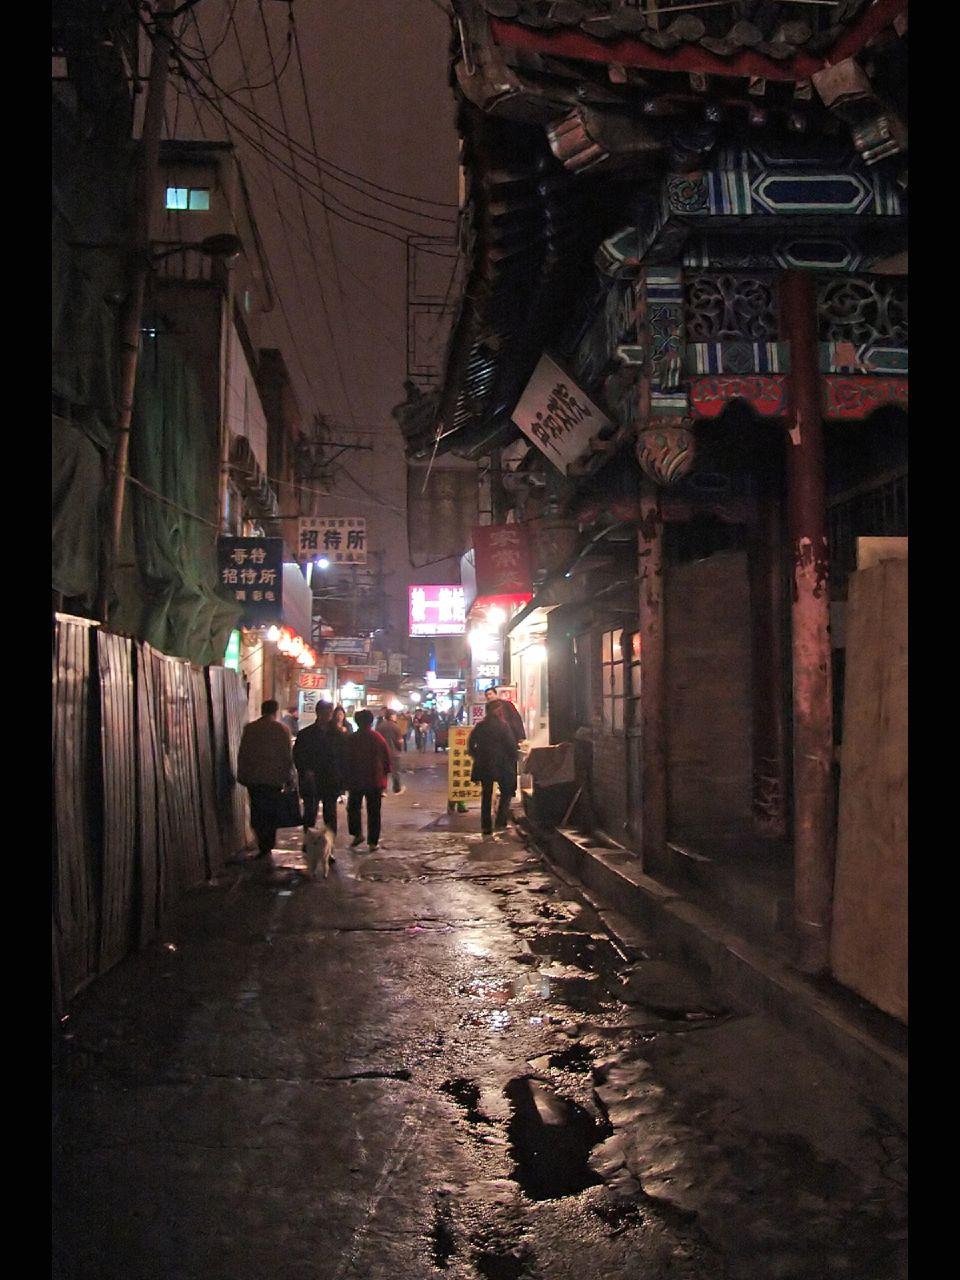 北京 Beijing - The Old City